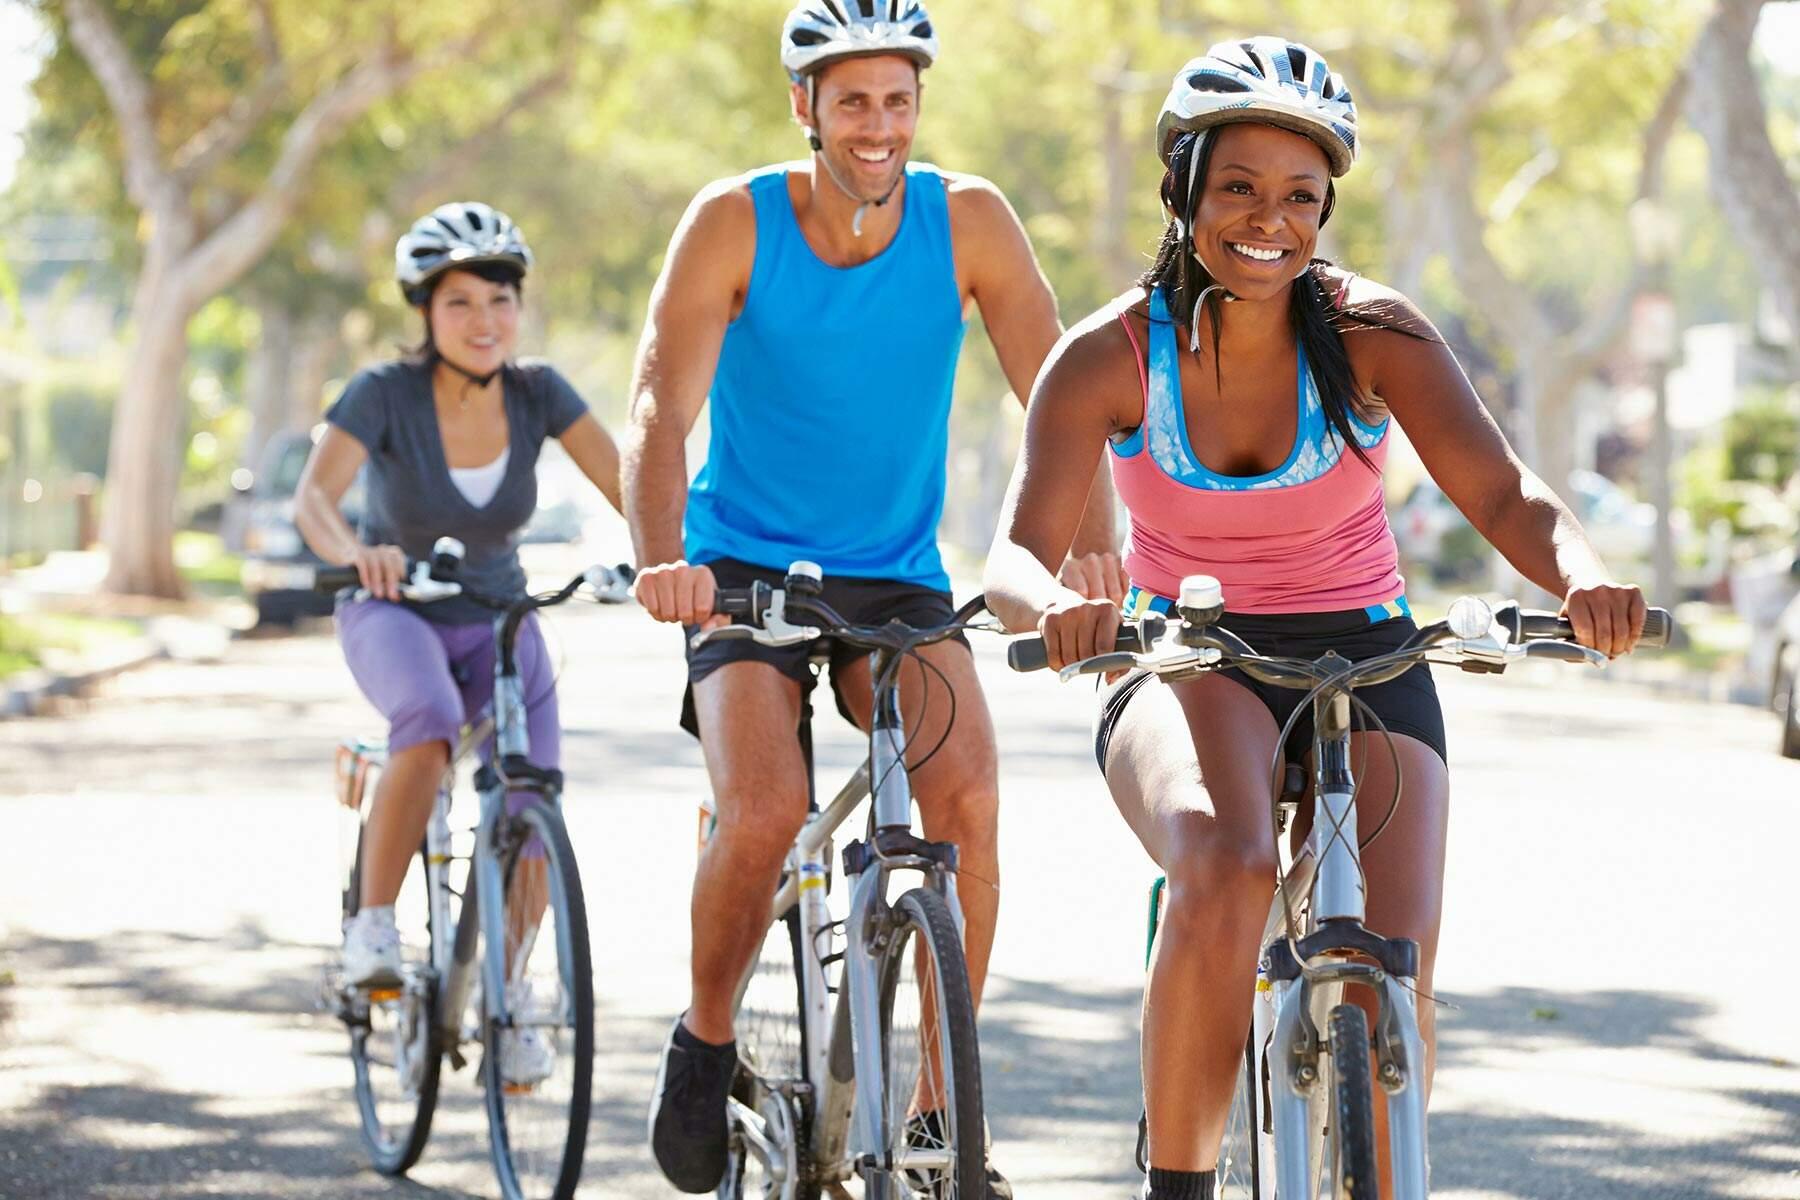 Bicicleta está cada dia mais presente no cotidiano